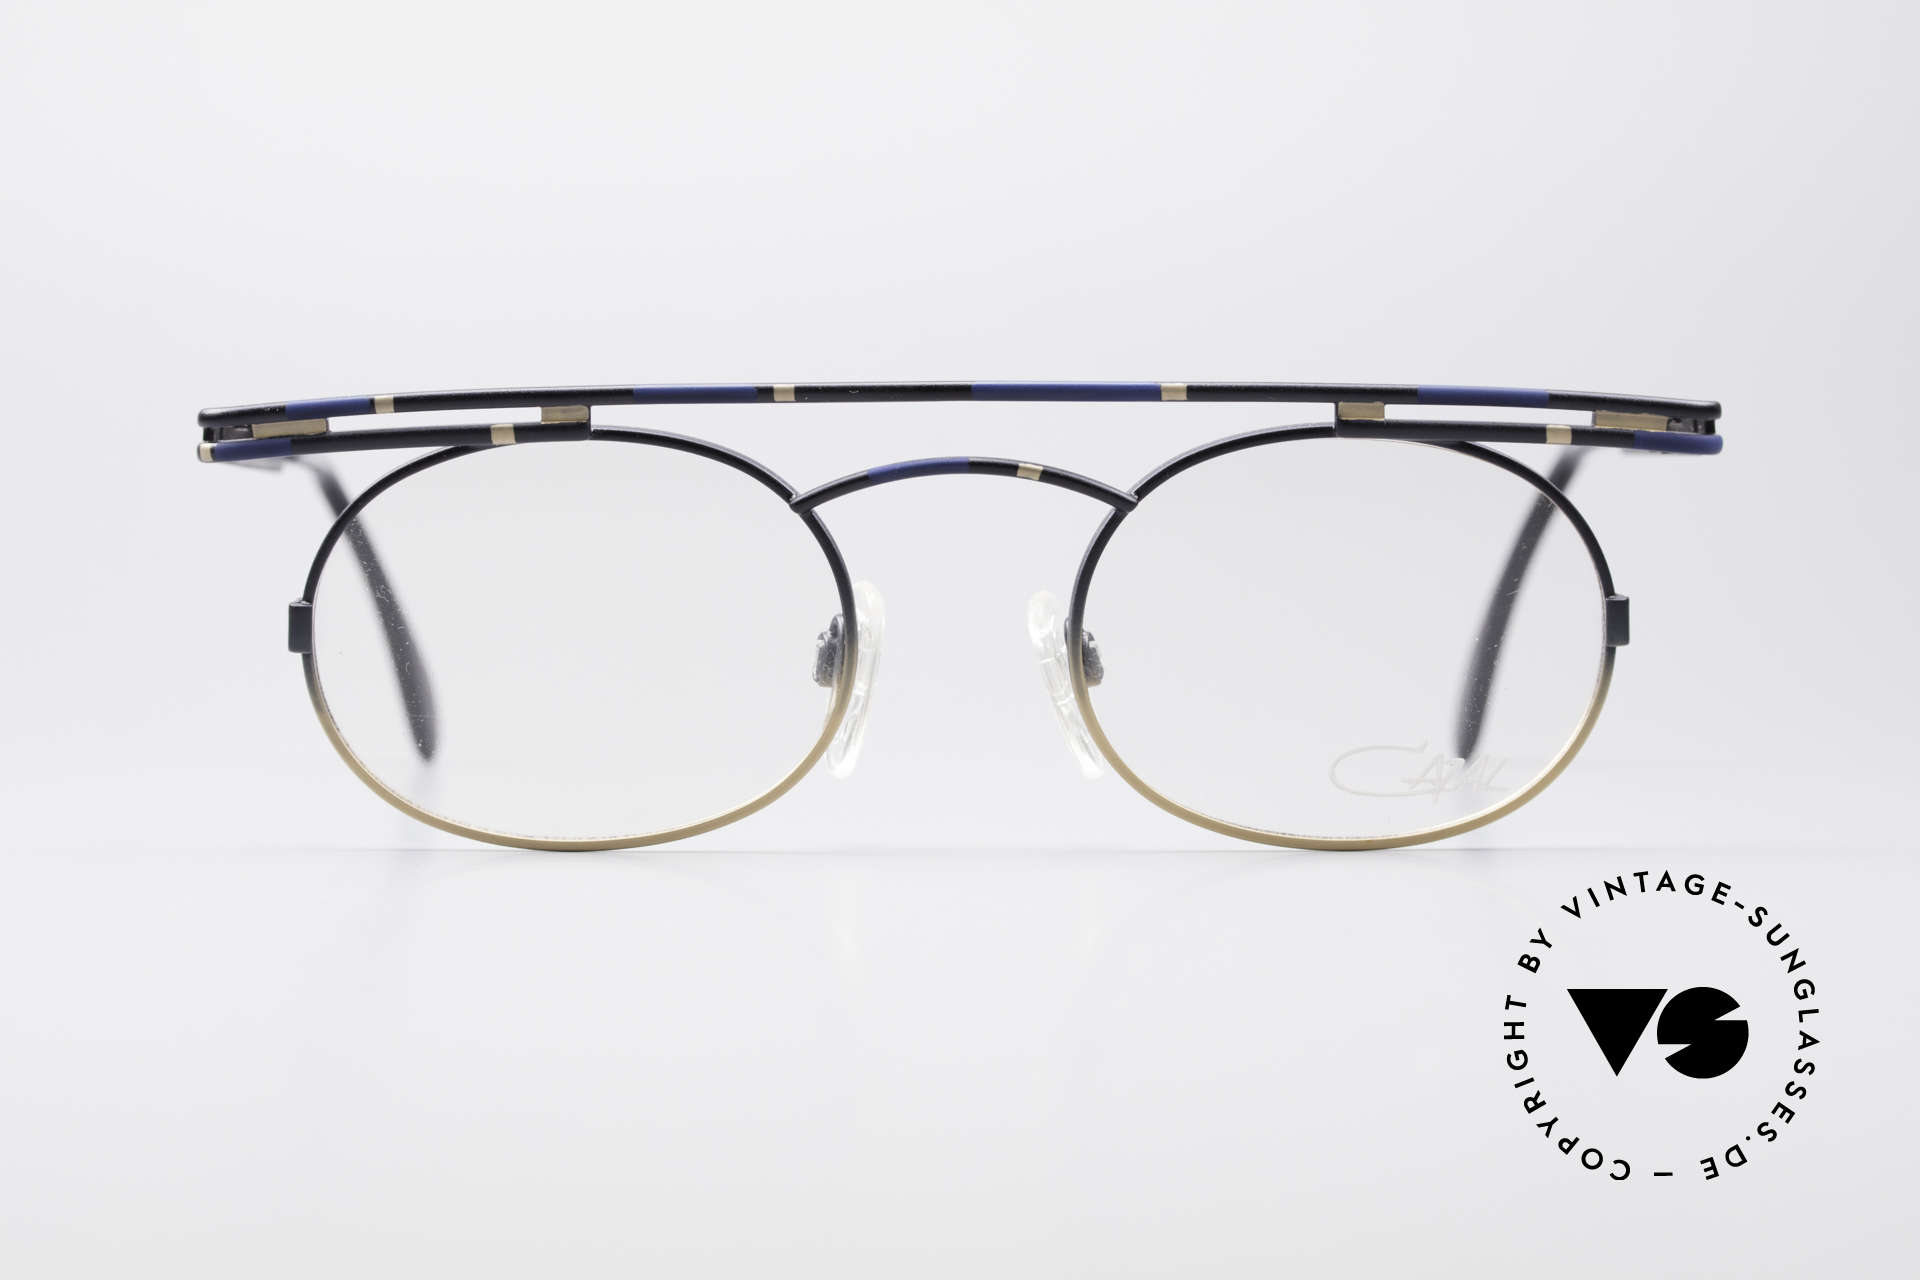 Cazal 761 Echte Vintage Brille KEIN Retro, rund und kantig zugleich; ein echter Hingucker, Passend für Herren und Damen